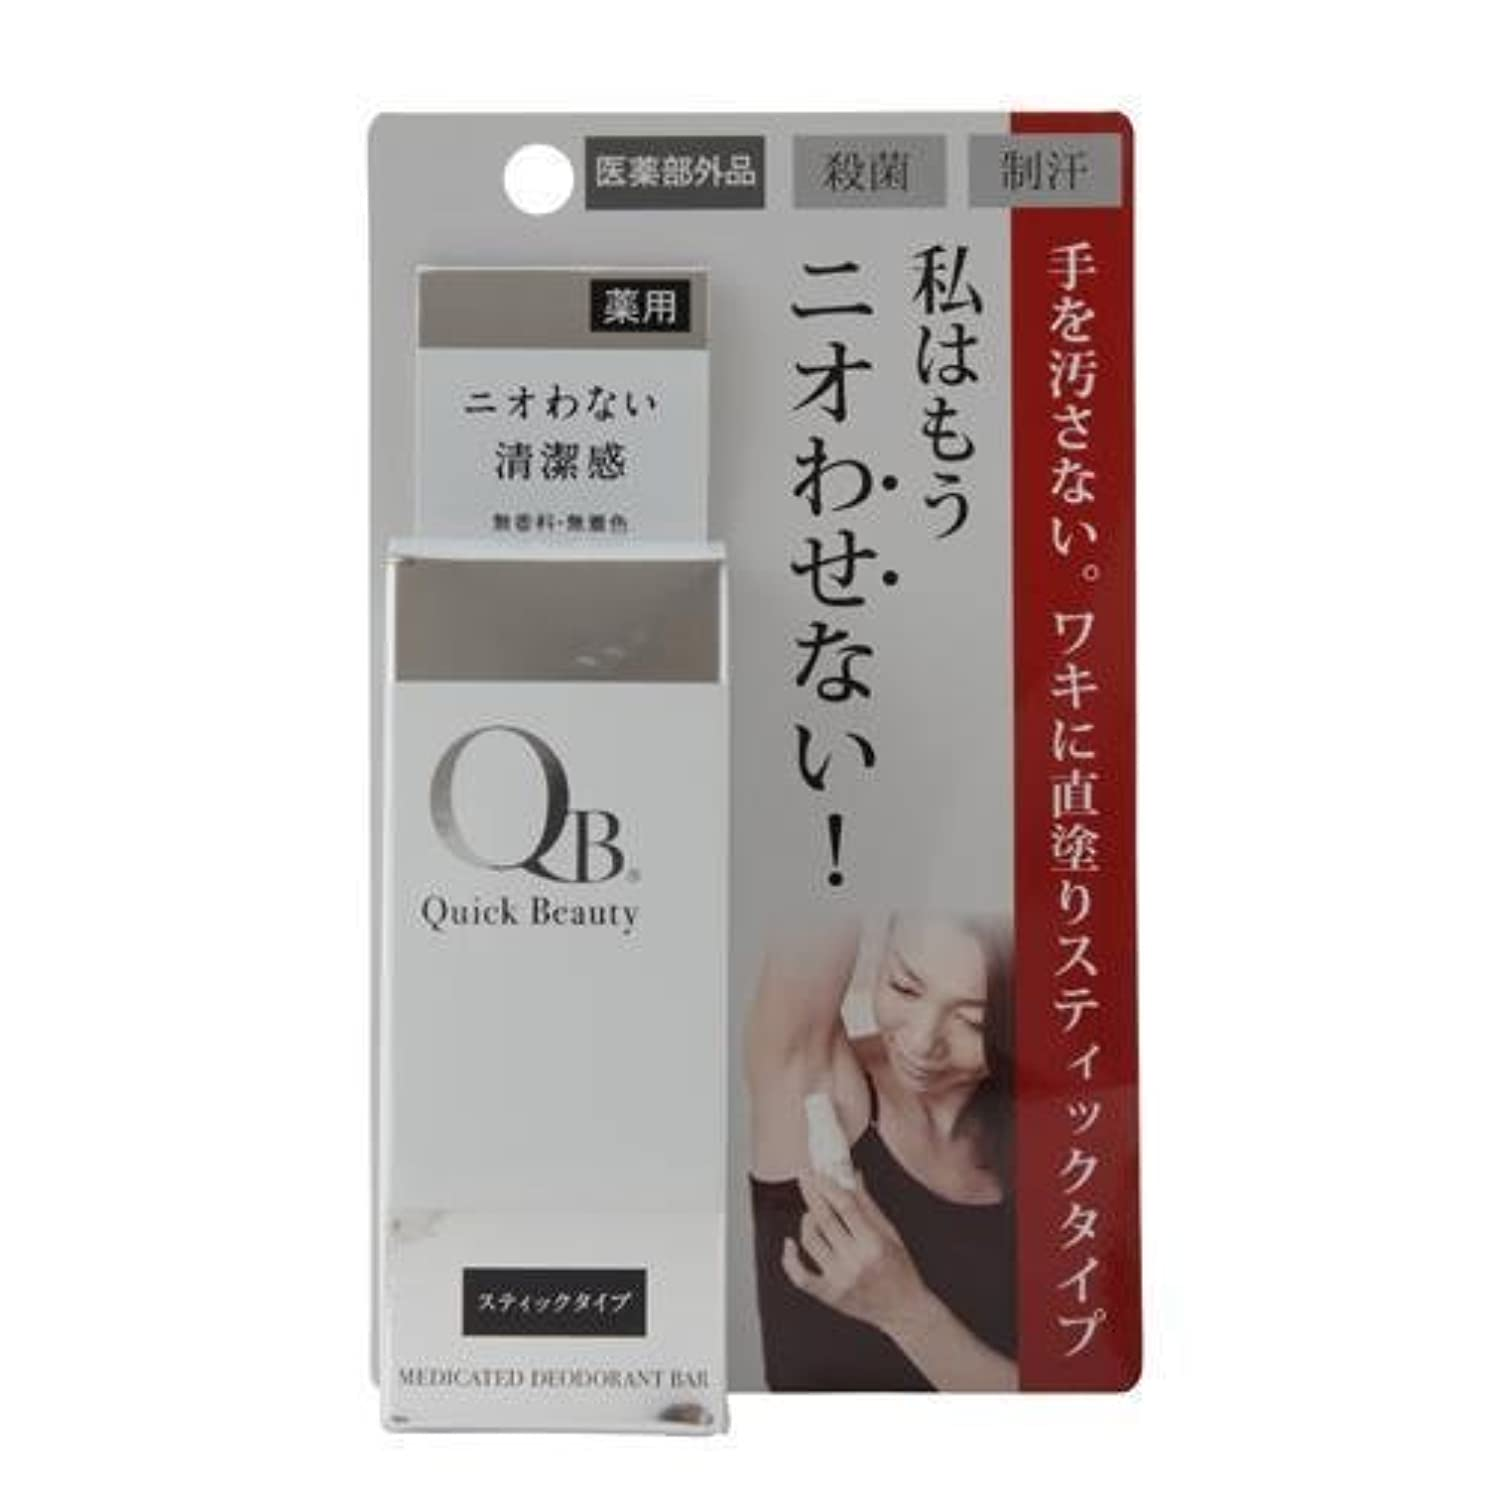 ベイビーボーカルきらめくQB 薬用デオドラントクリーム スティックタイプ 20g